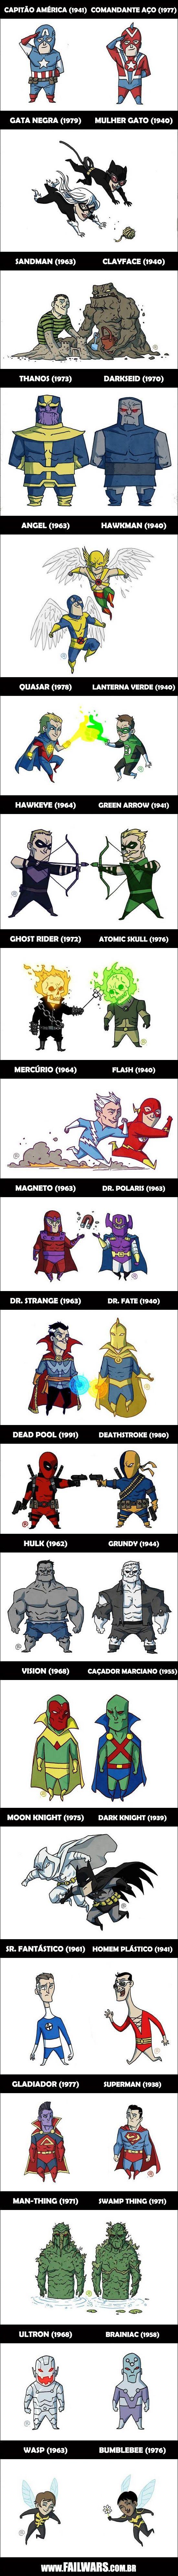 23 personagens equivalentes da DC e da Marvel! (2 de 2), via failwars;